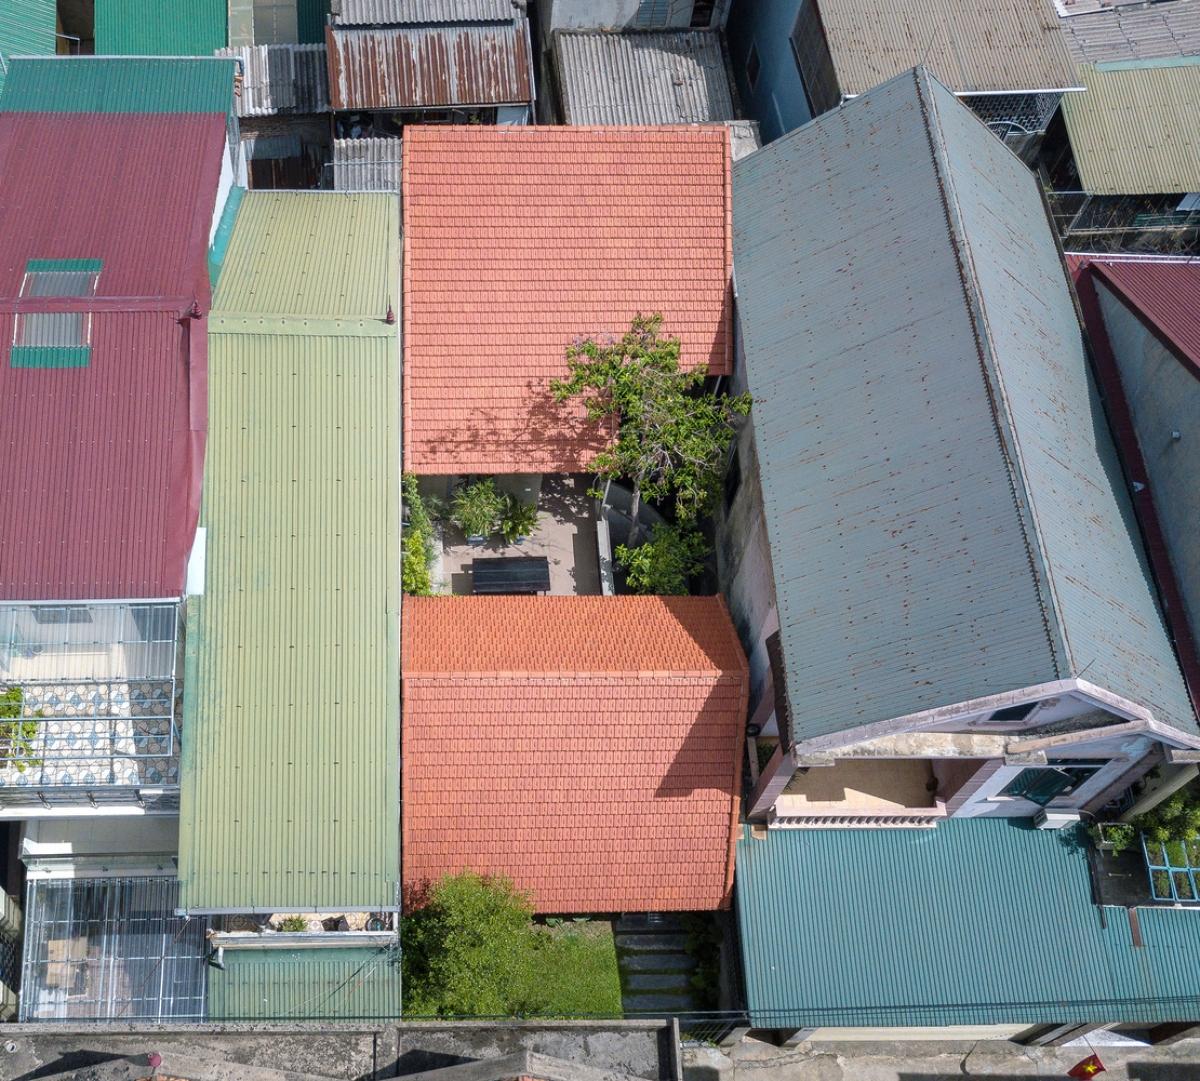 Là người hoài cổ, yêu thích các giá trị truyền thống nên chủ nhân ngôi nhà chọn kiểu nhà mái ngói, nhà cấp 4 giống với căn biệt thự vườn.